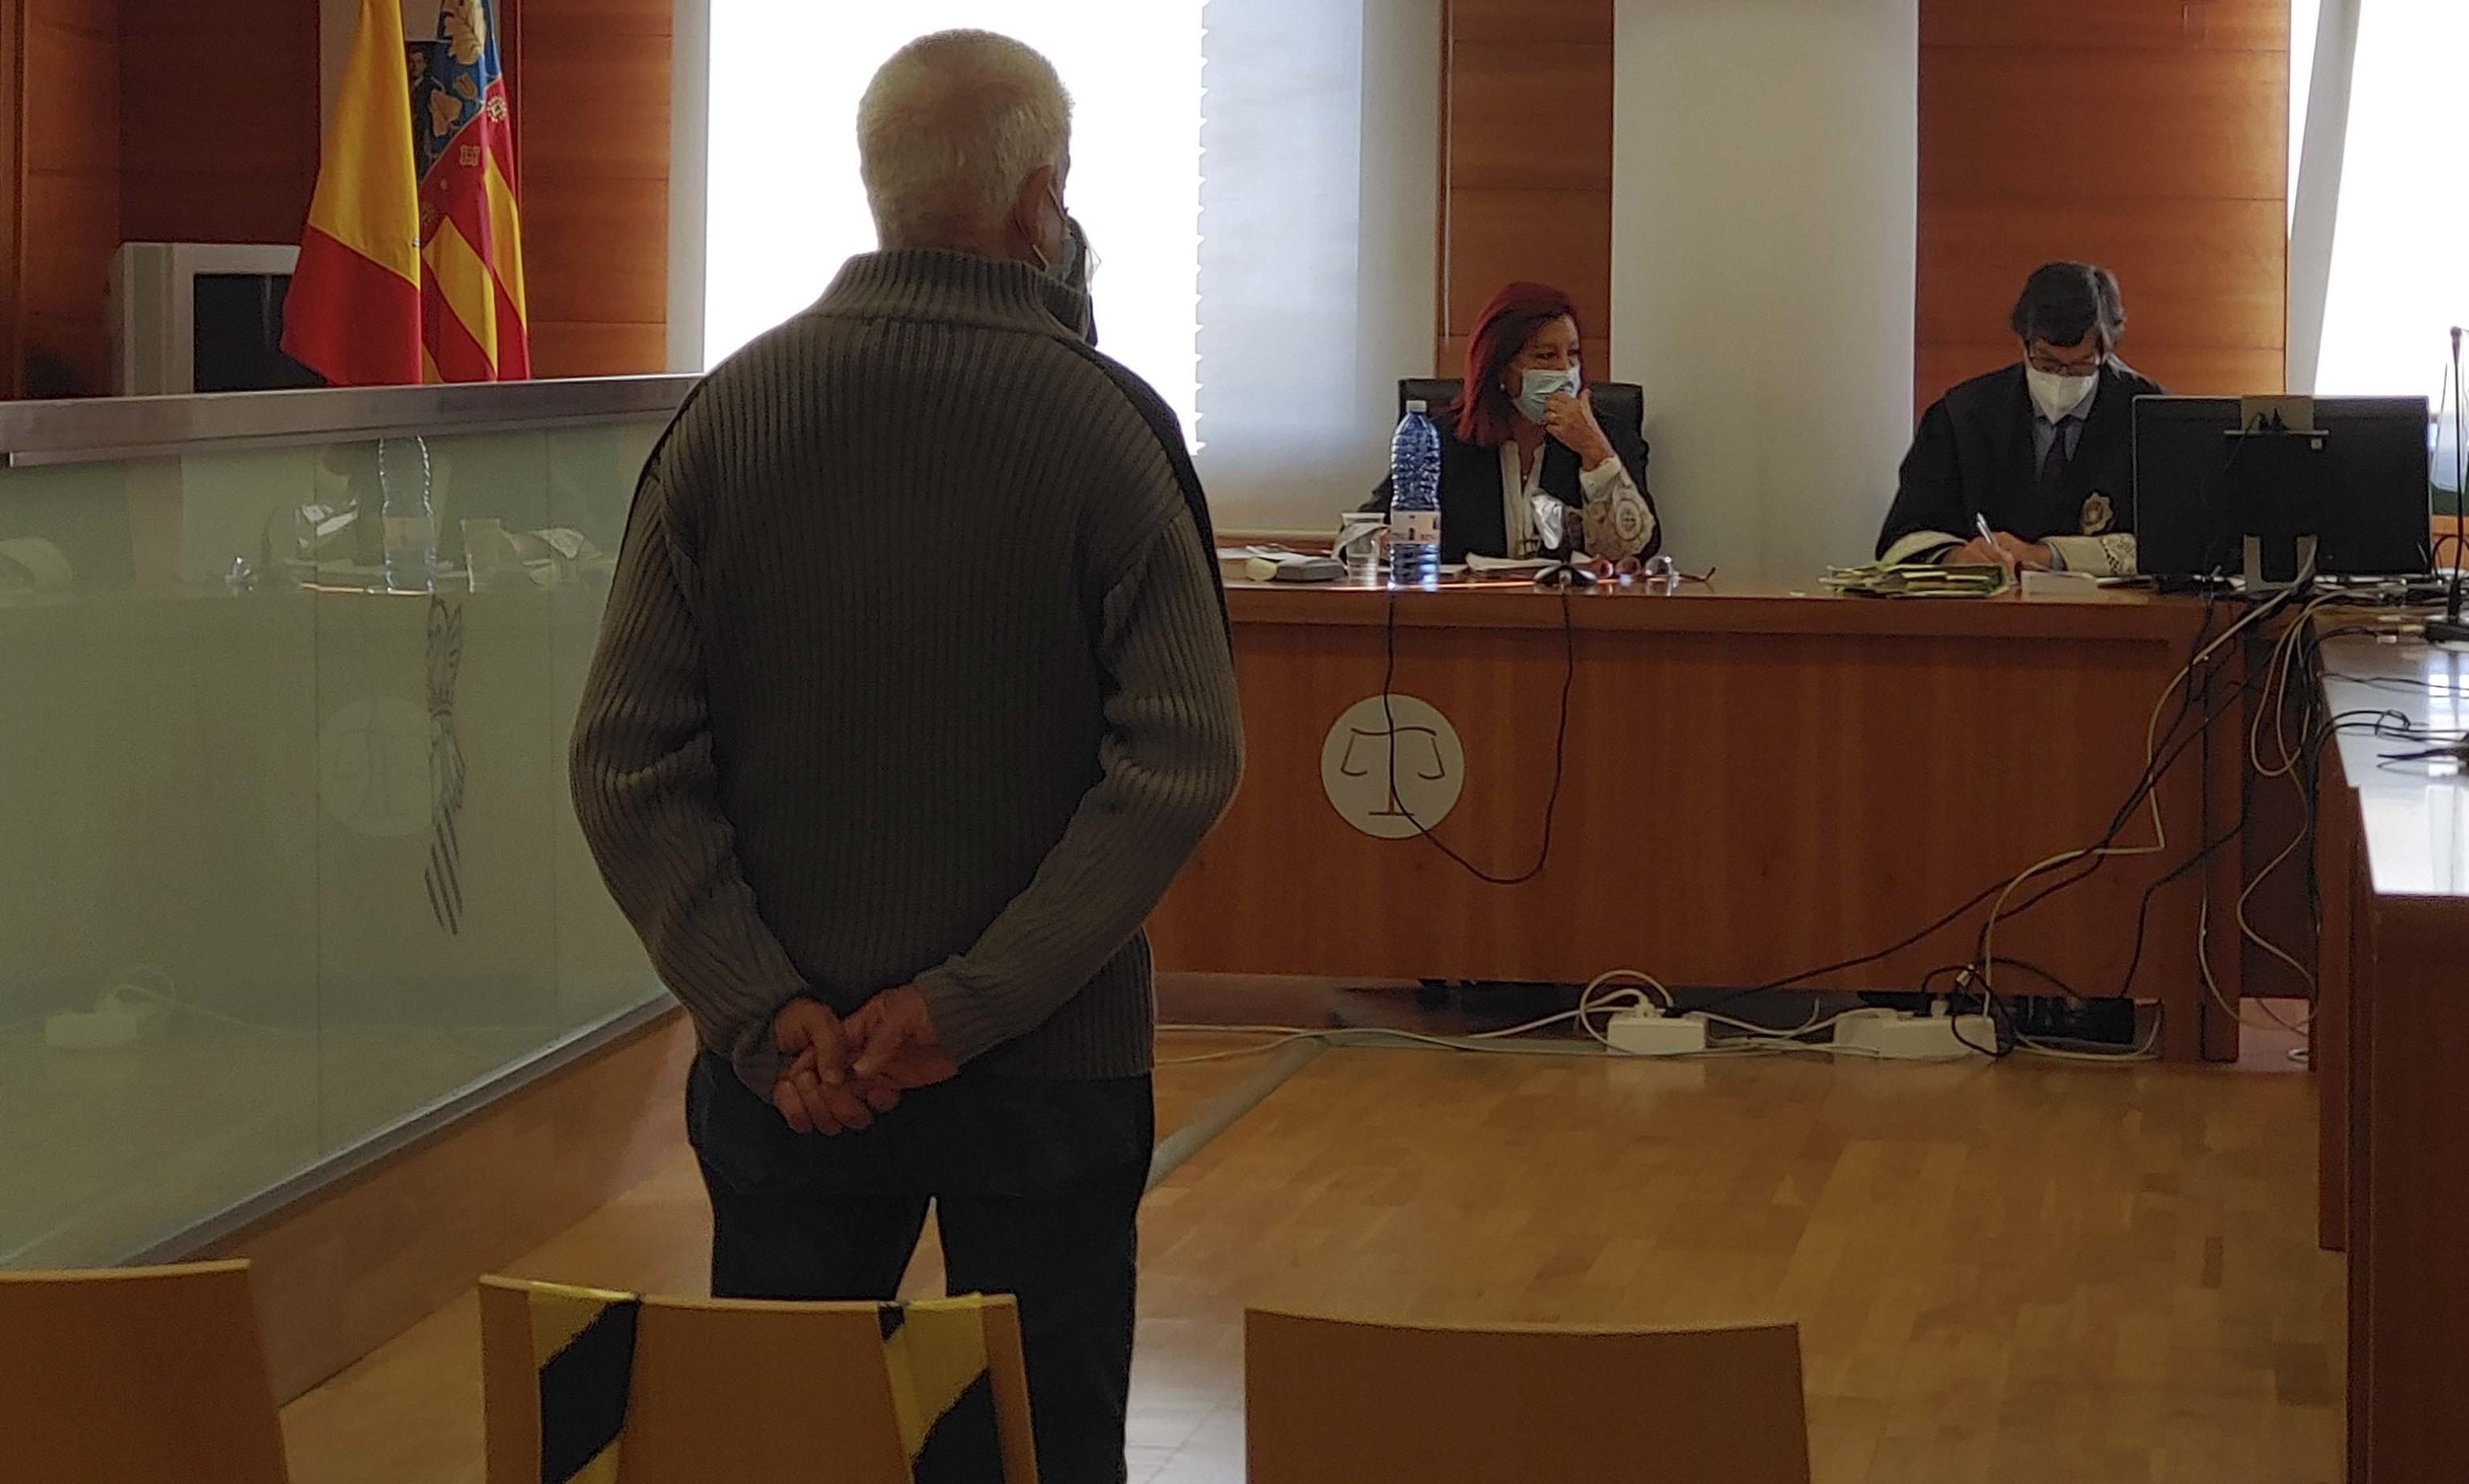 El acusado durante el juicio en la Audiencia Provincial de Castellón.